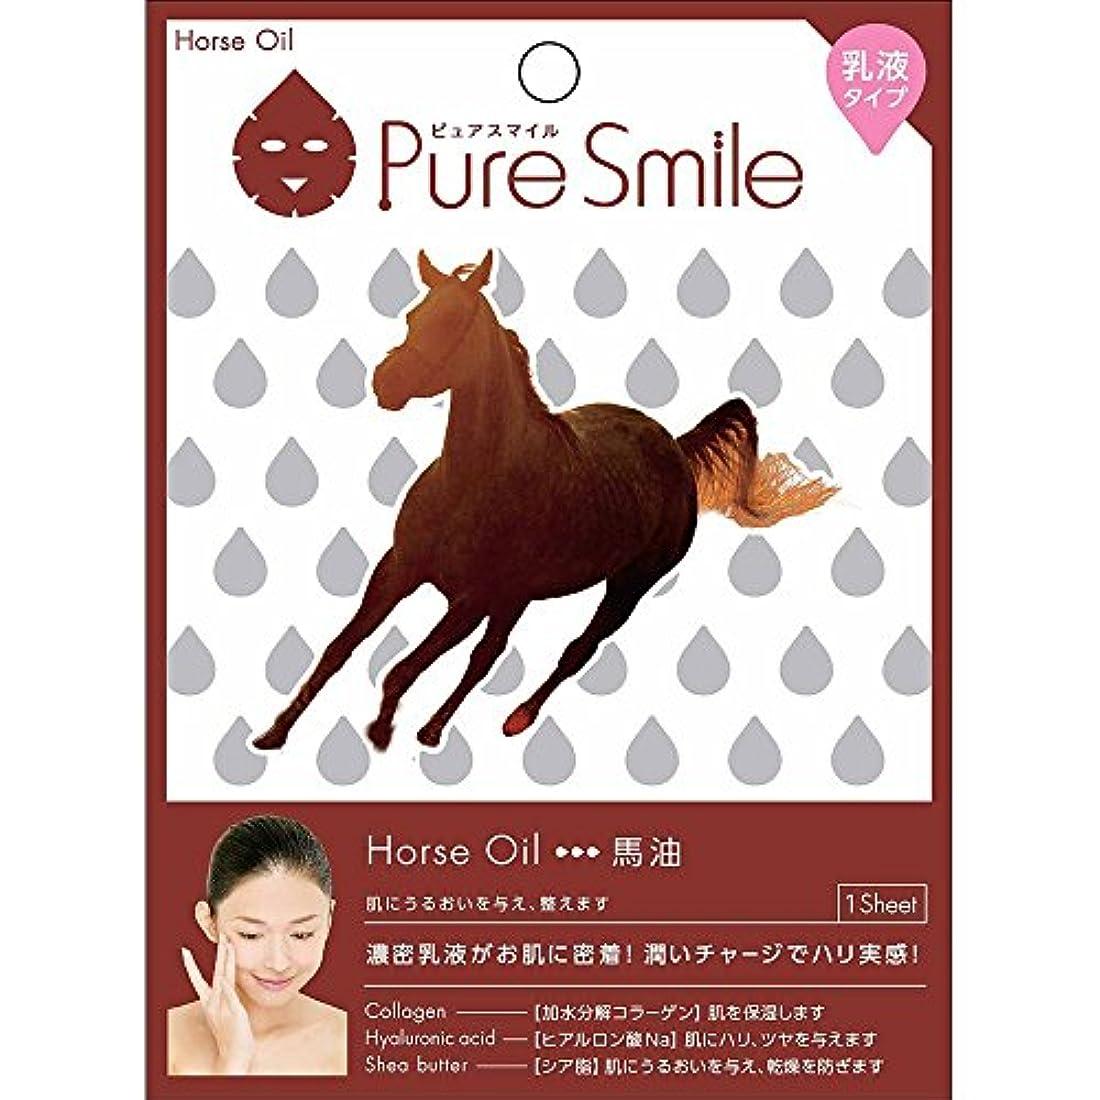 ジャンプする最大限熟達Pure Smile/ピュアスマイル 乳液 エッセンス/フェイスマスク 『Horse oil/馬油』